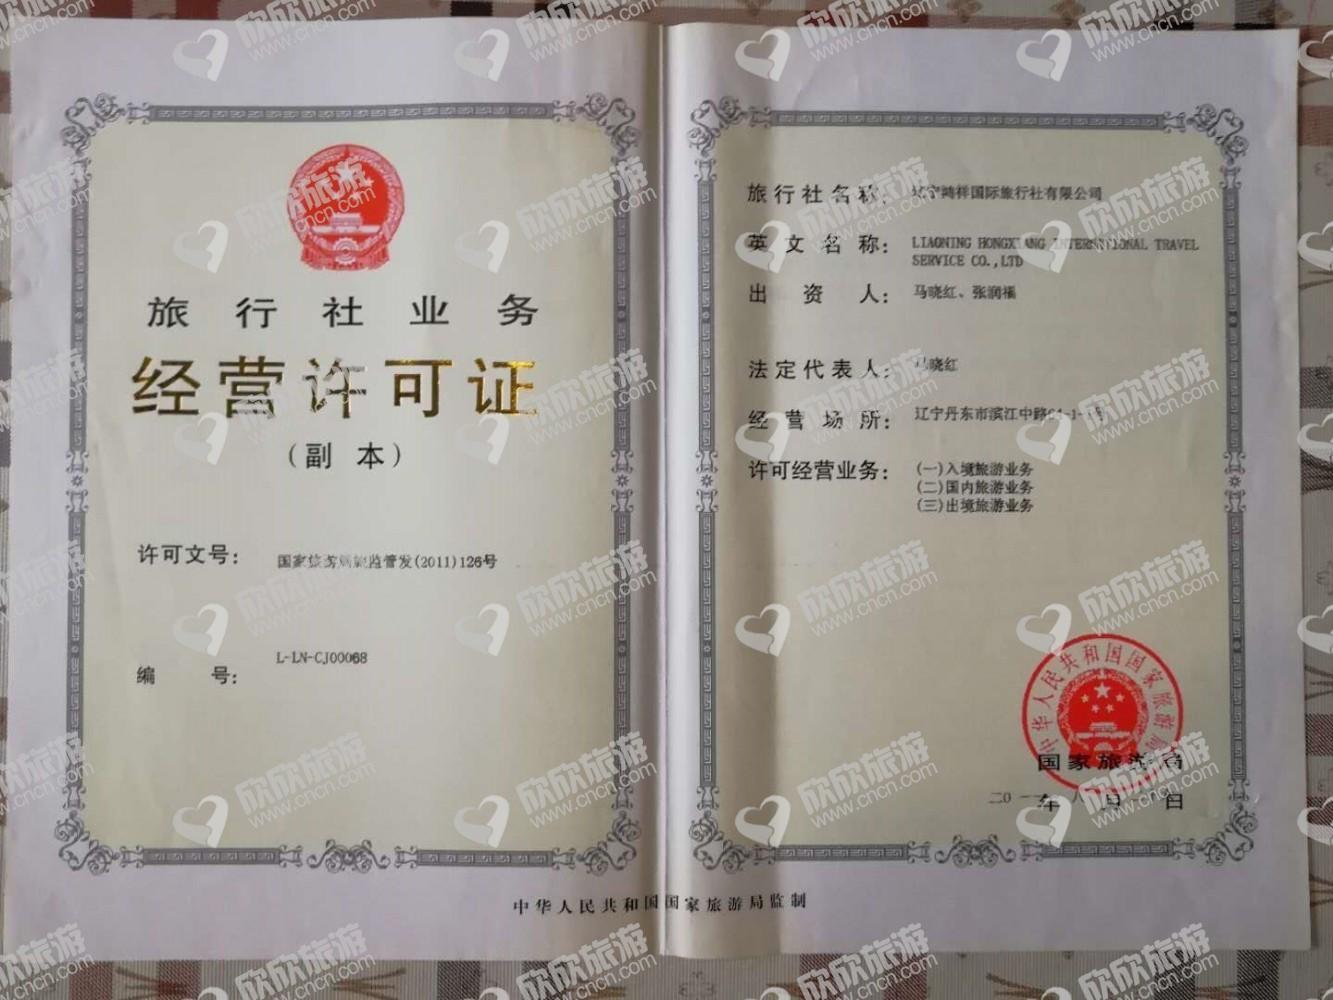 辽宁鸿祥国际旅行社有限公司经营许可证